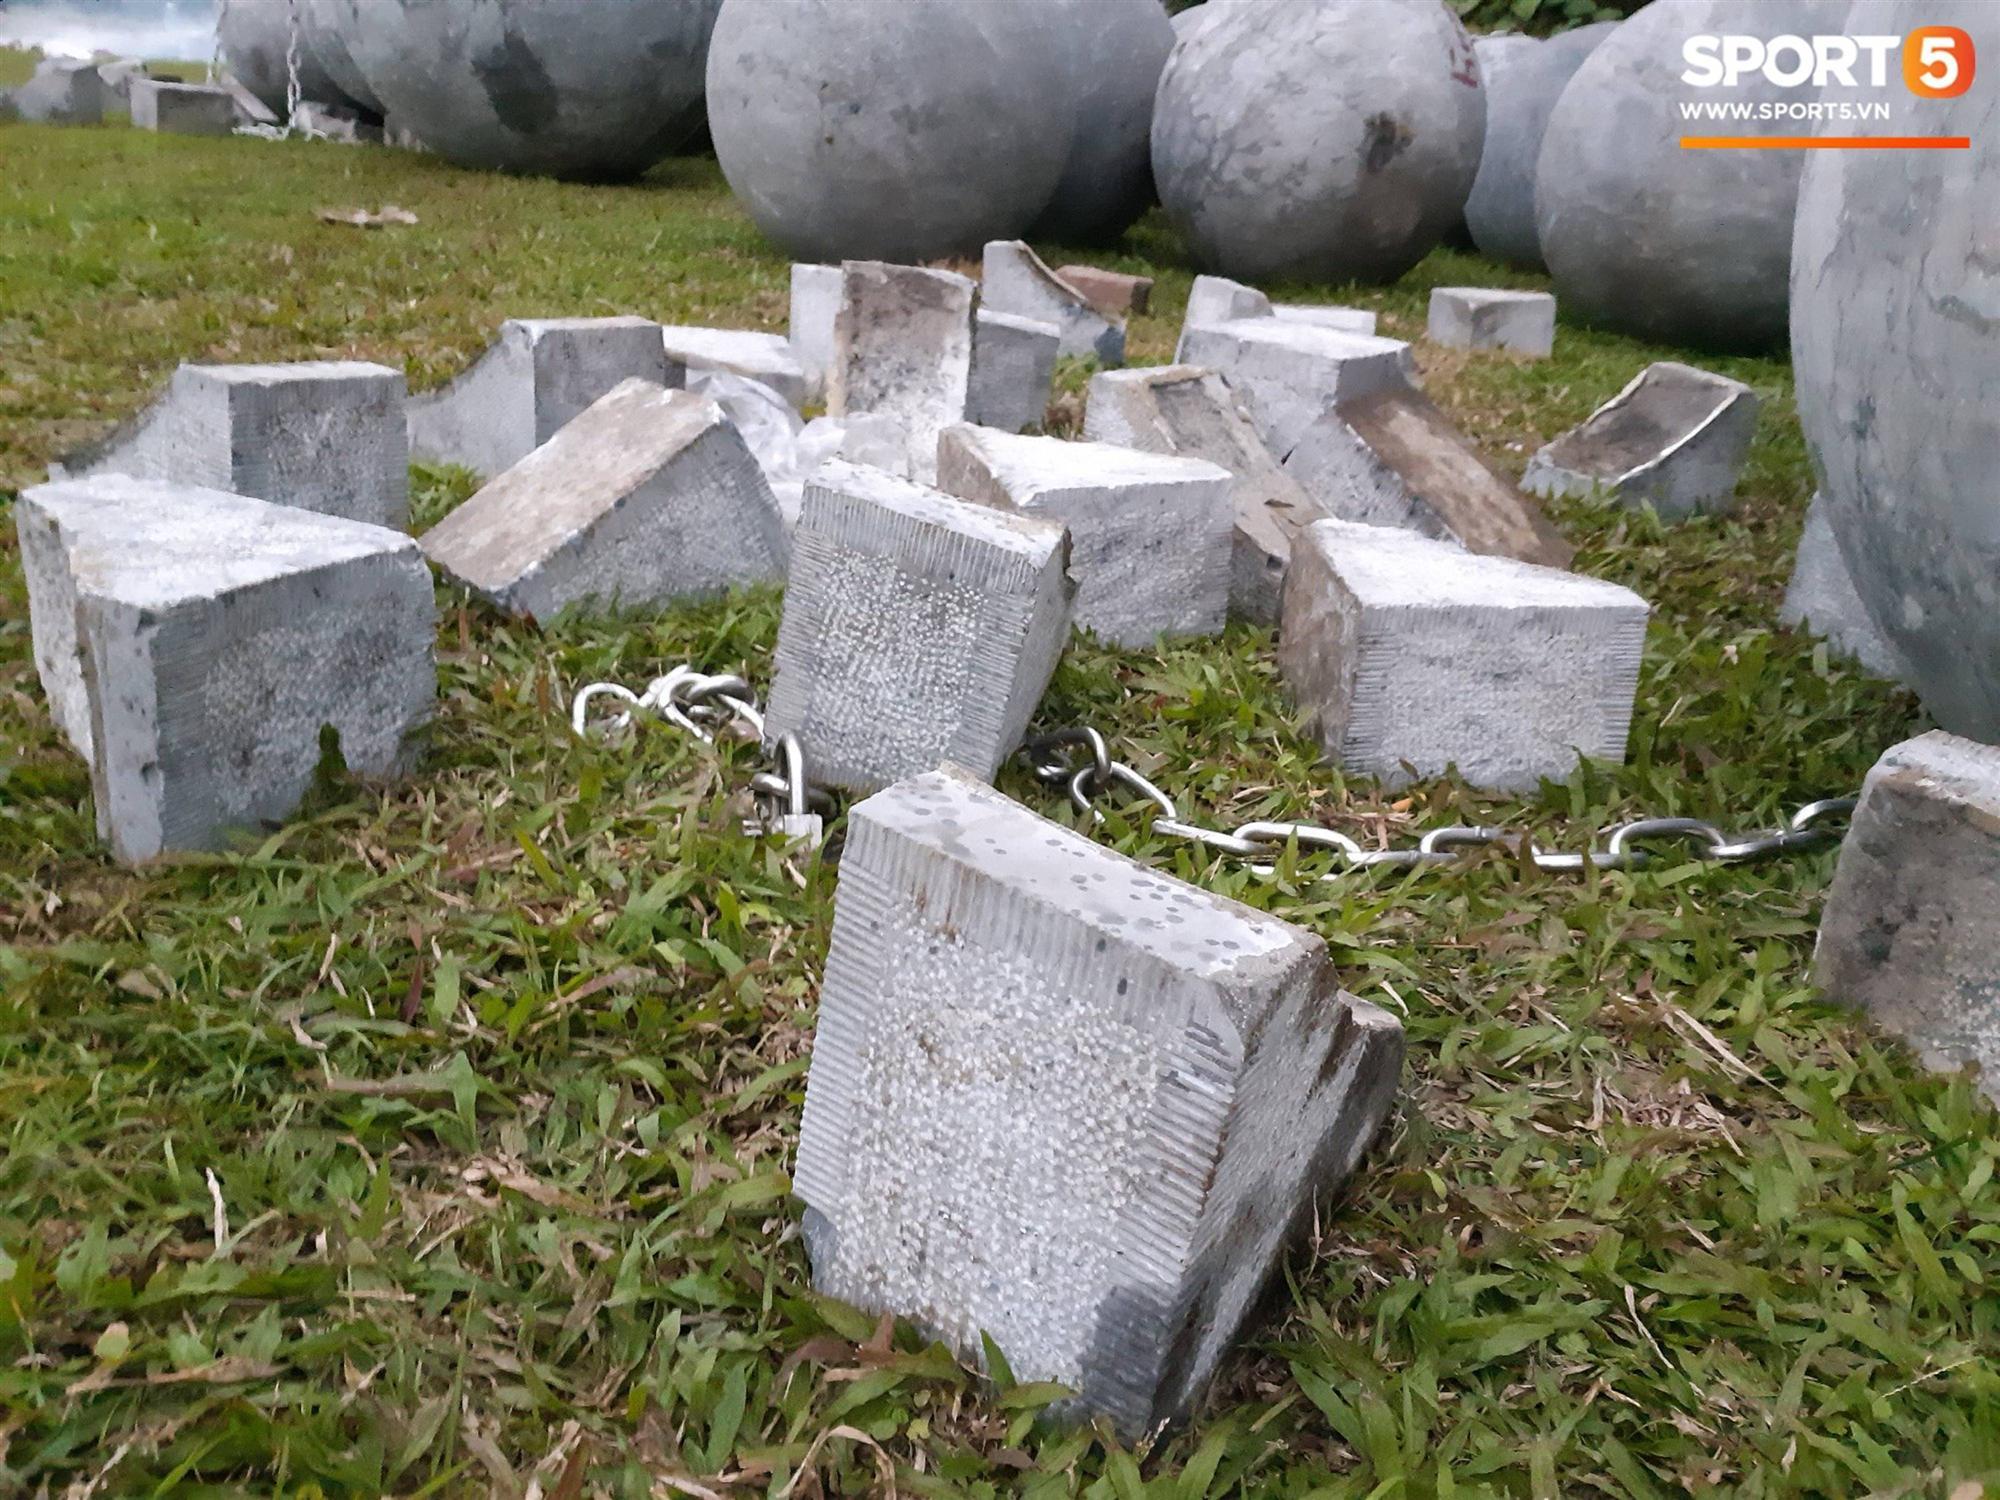 Đã tìm ra vị trí bí ẩn của 40 quả cầu đá sau khi bị di dời khỏi sân Mỹ Đình-4